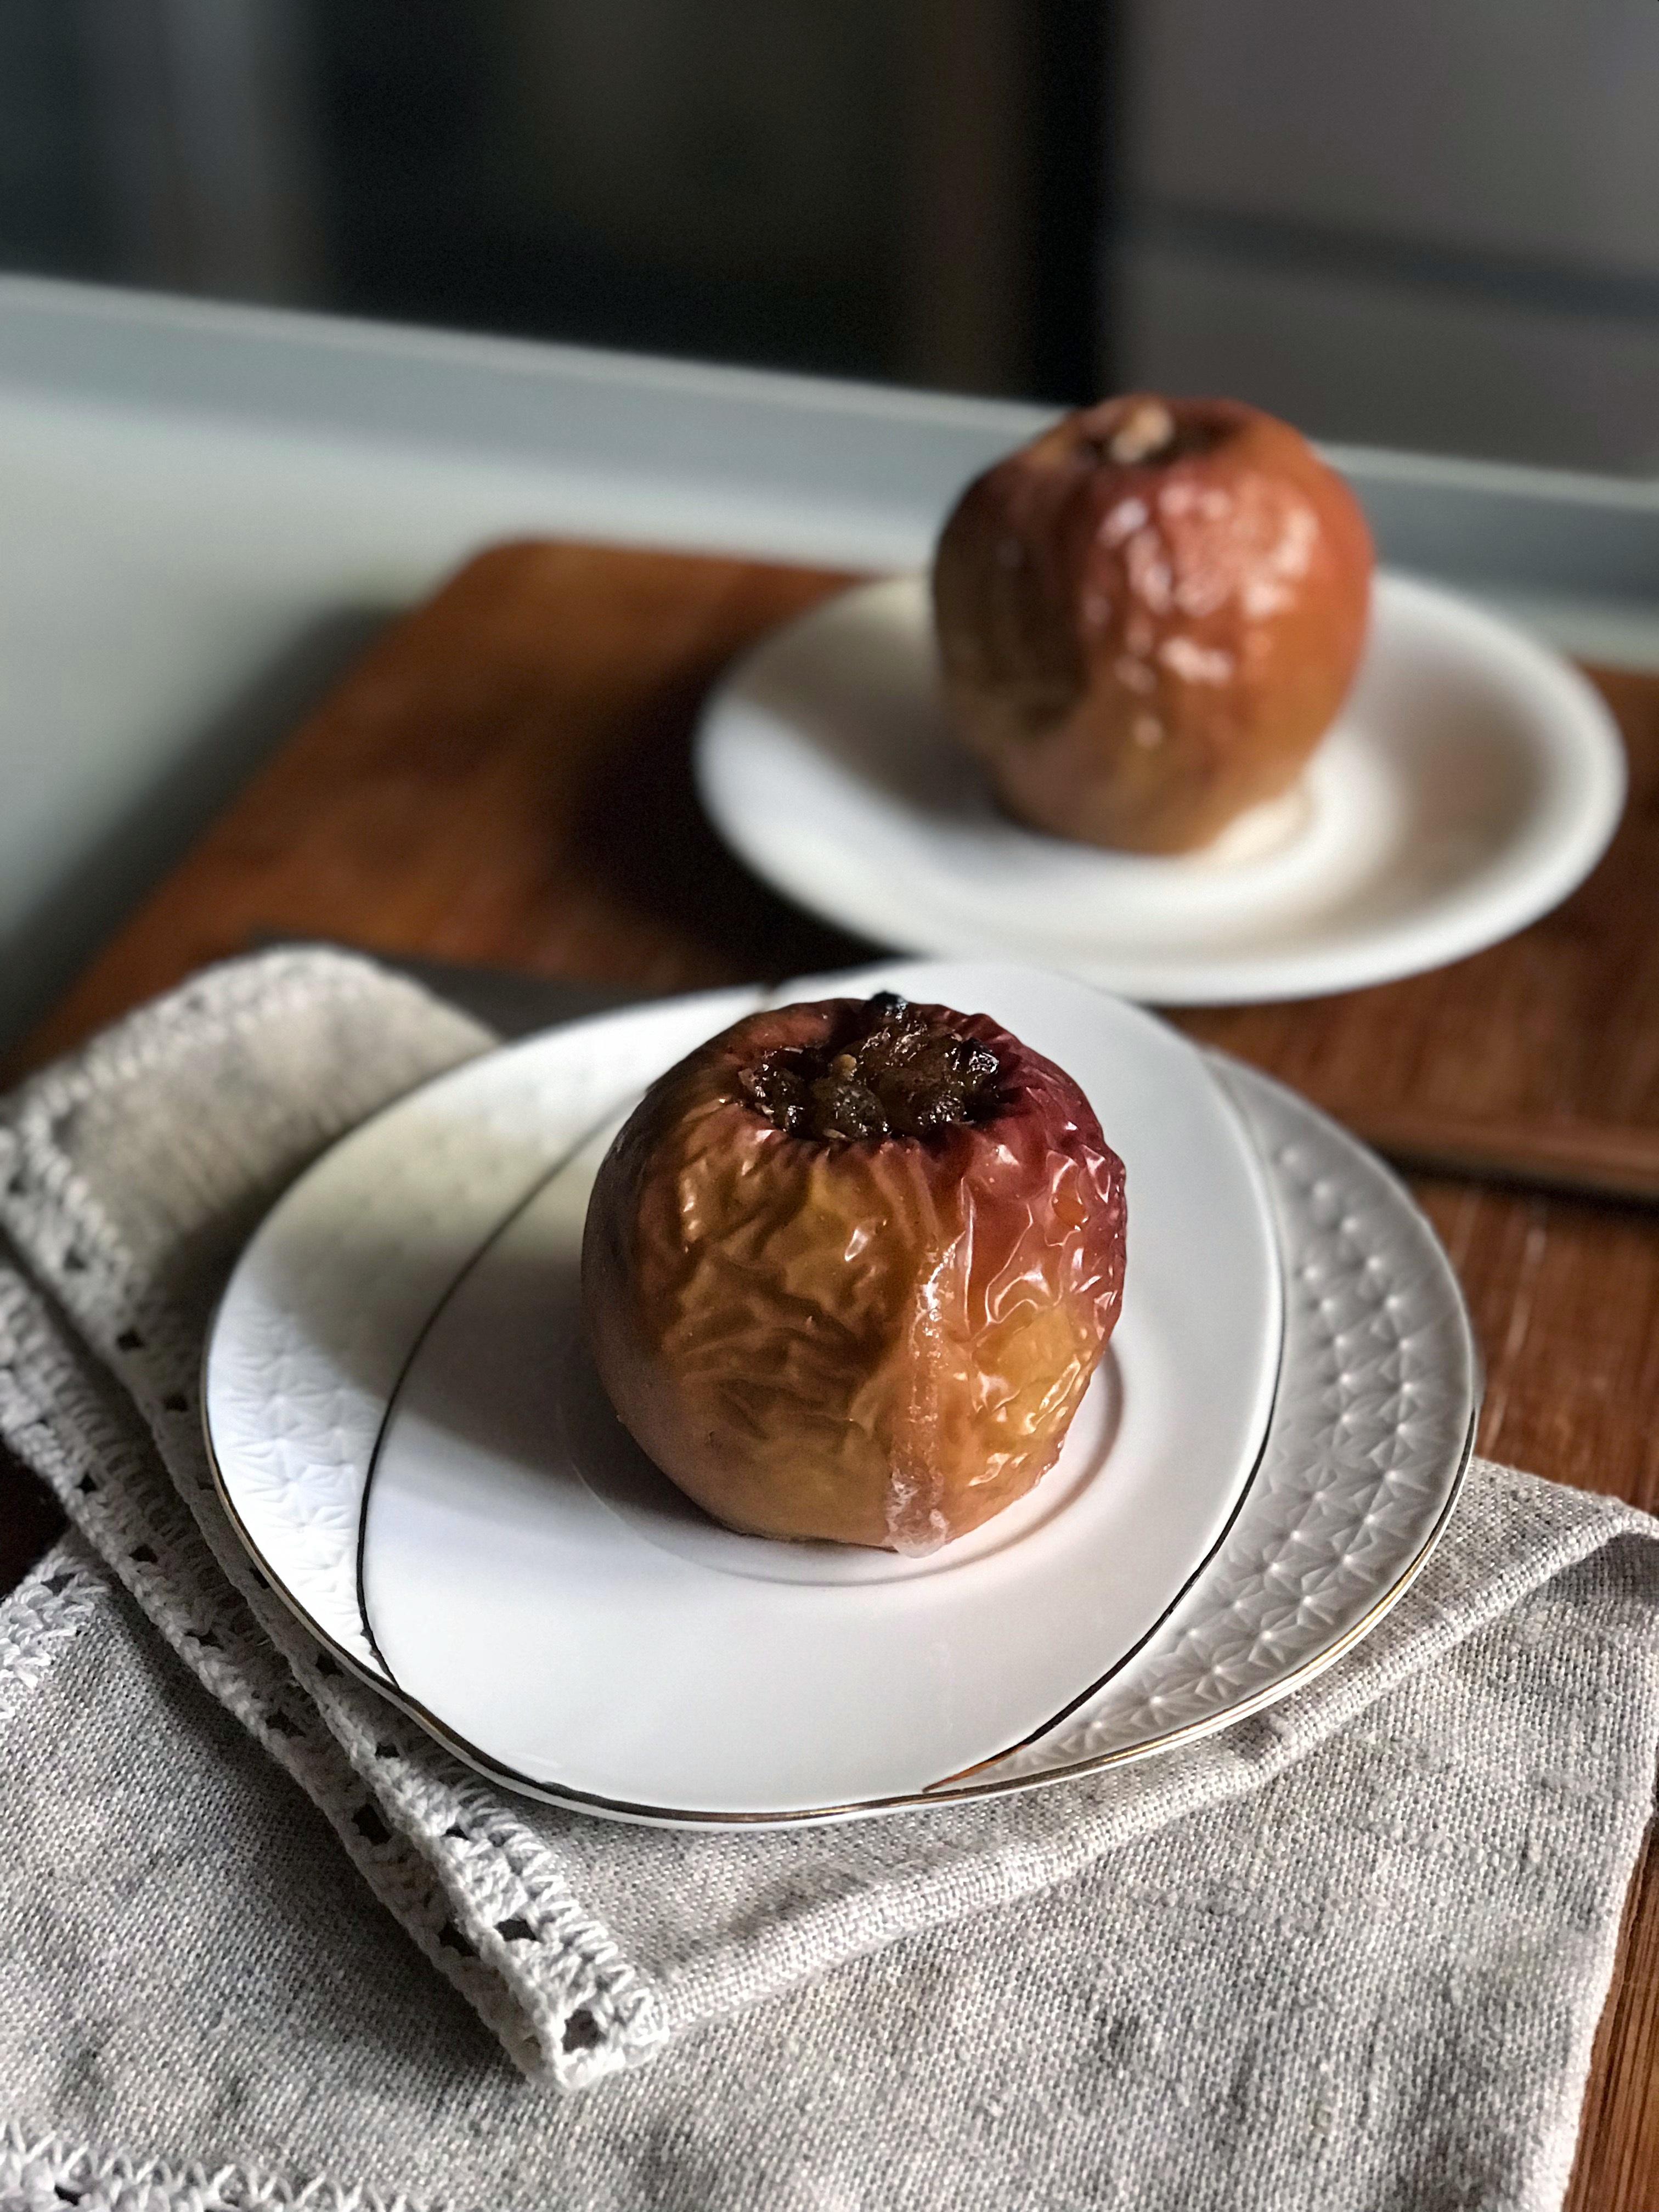 Fotografía de plato con manzanas asadas